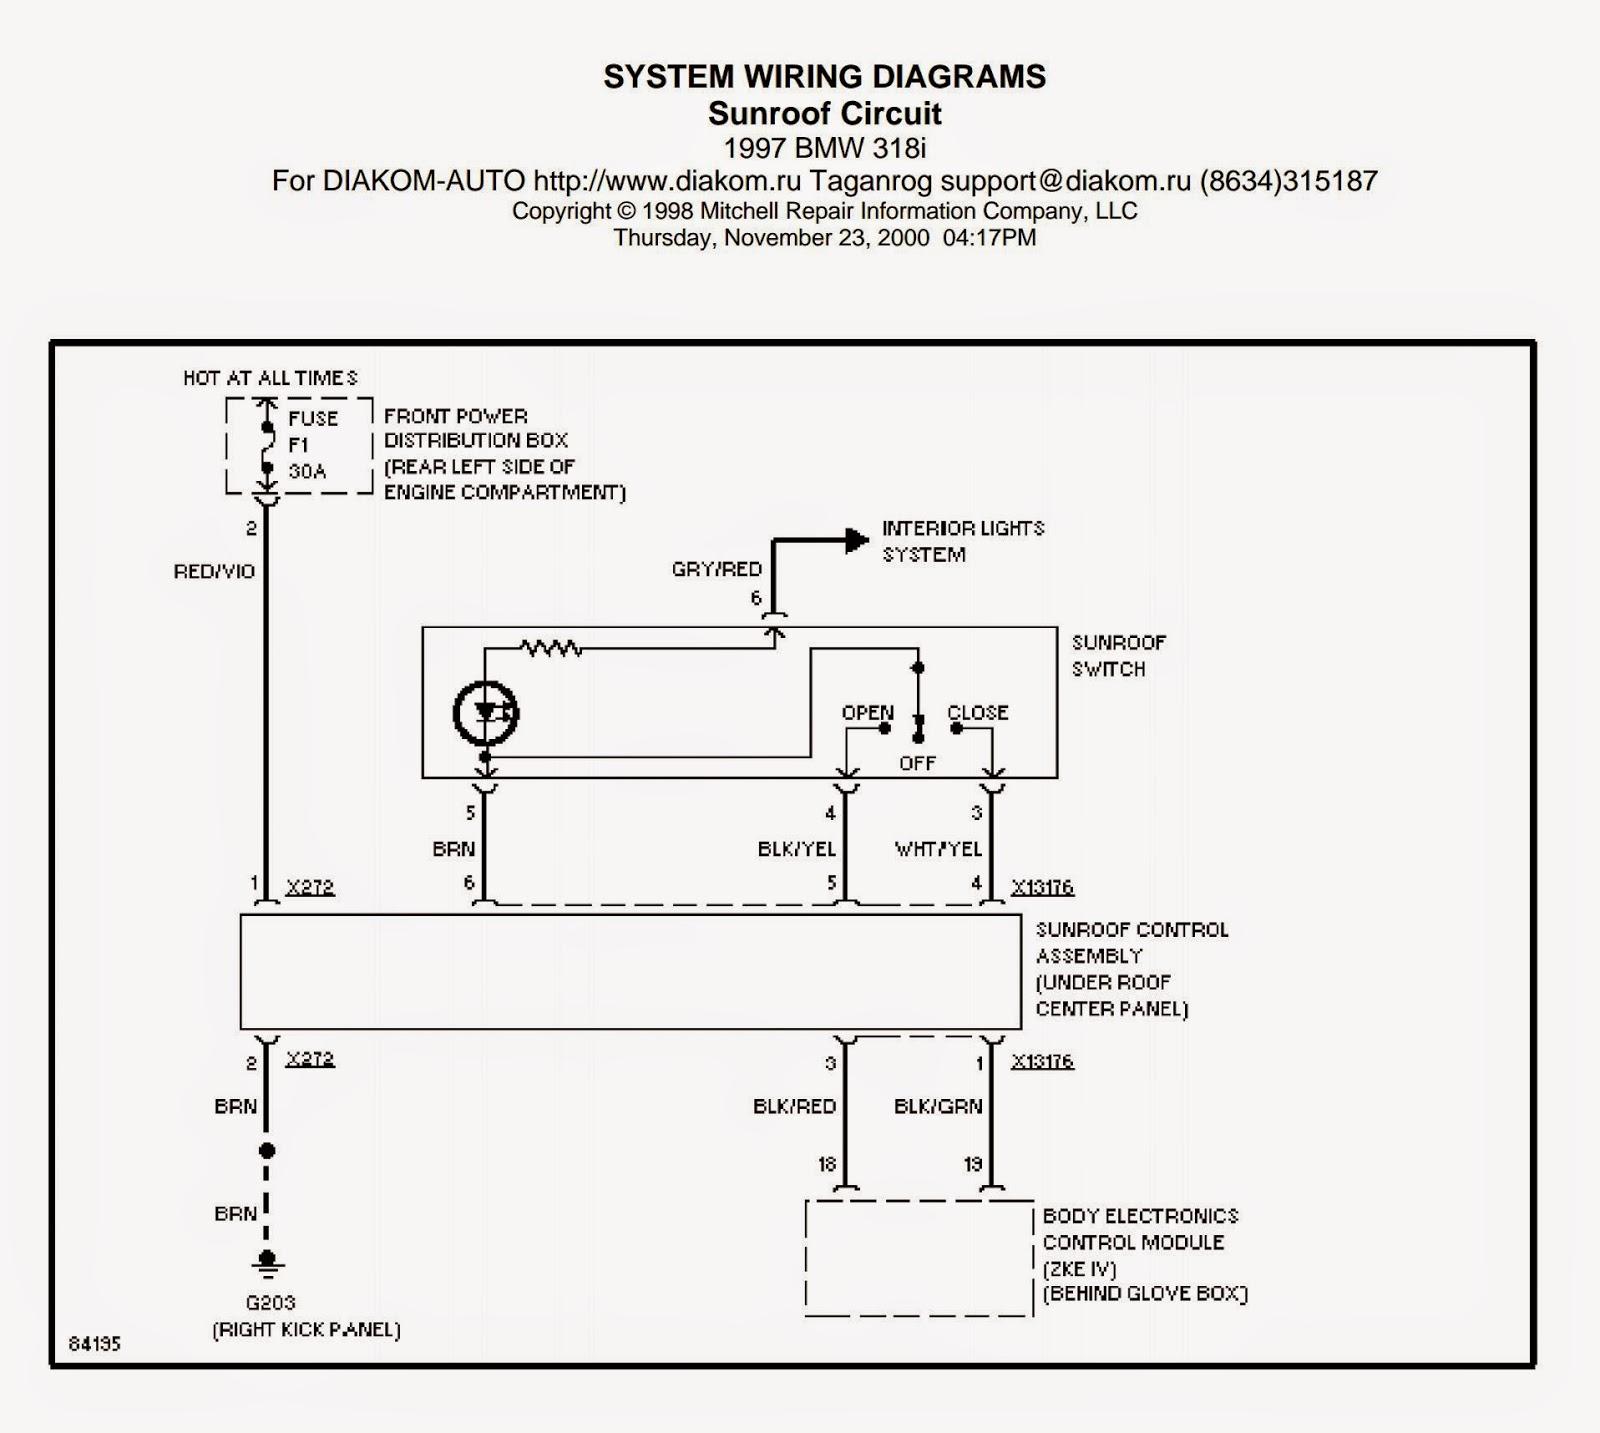 91 bmw 525i rear wiring diagram - kdc mp342u wiring diagram -  1990-300zx.basic-wiring.jeanjaures37.fr  wiring diagram resource